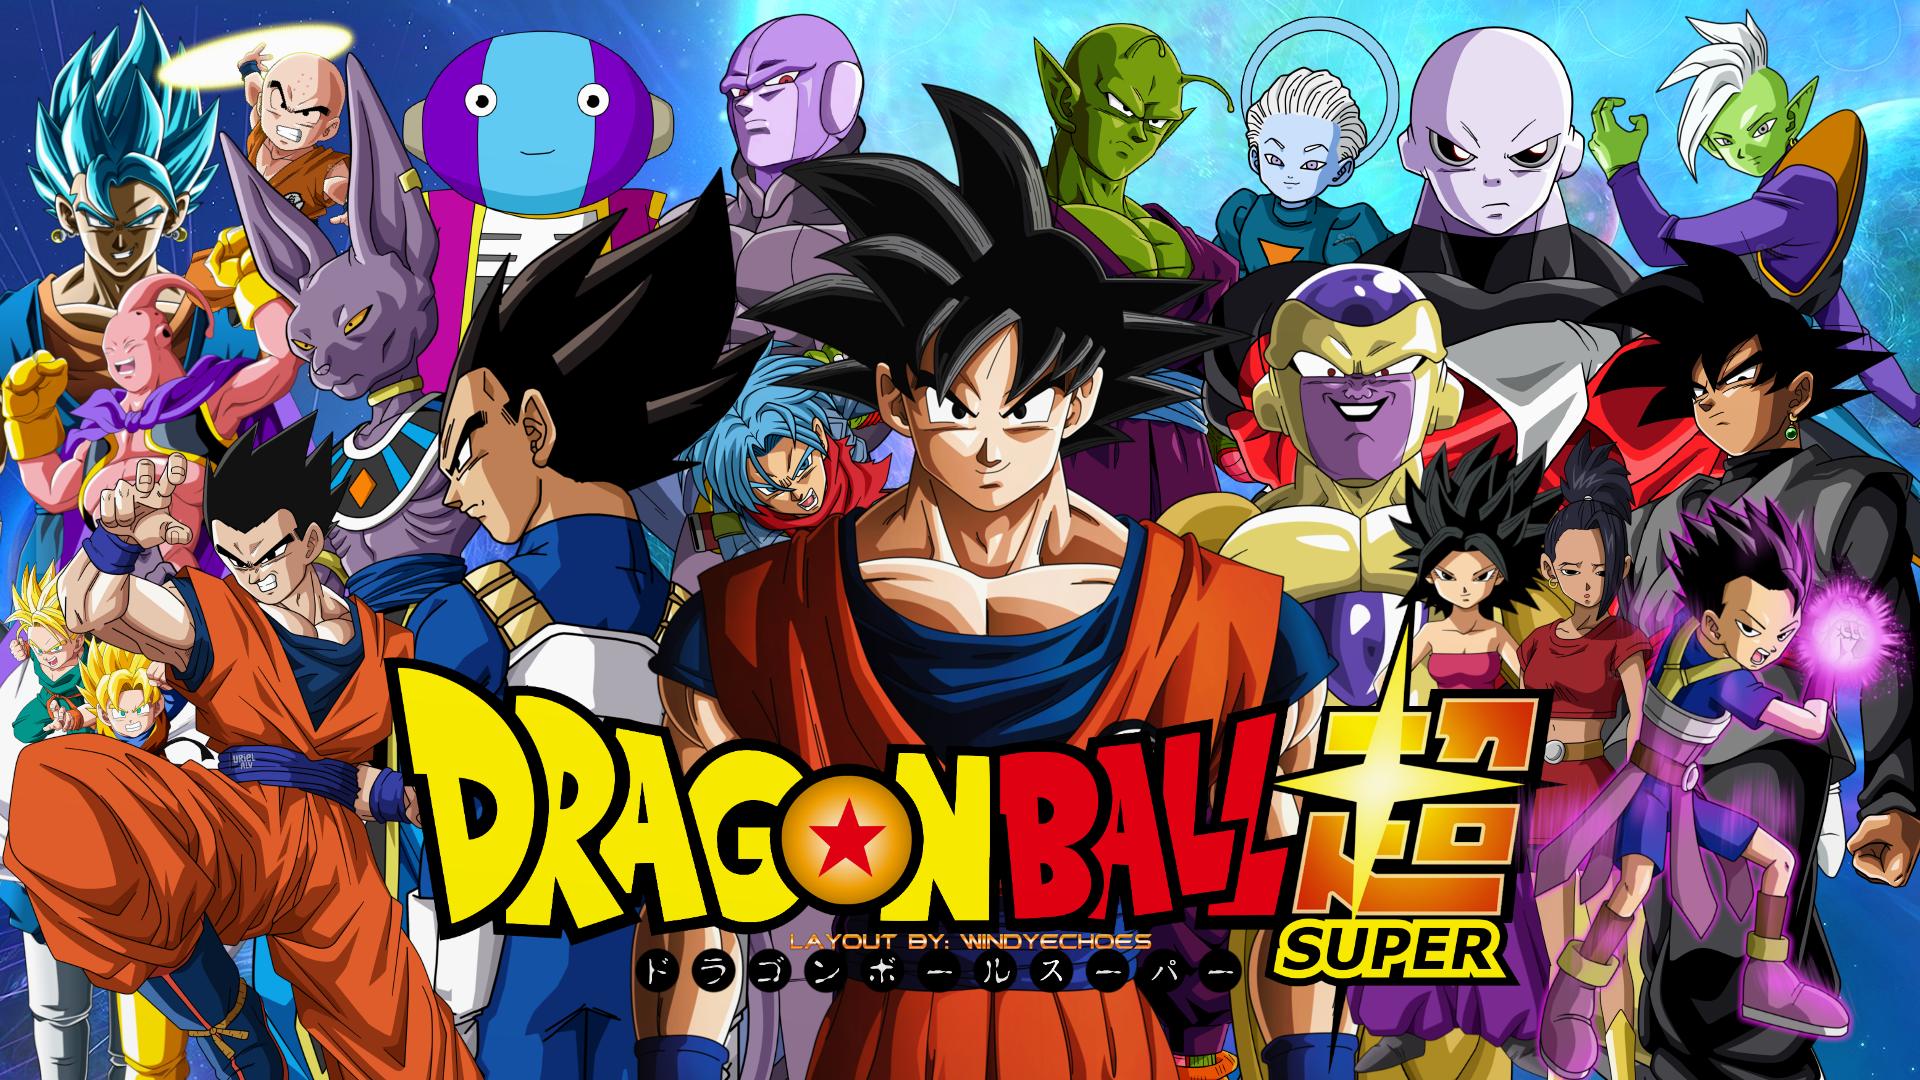 Dragon Ball Super Next Gen Group Wallpaper